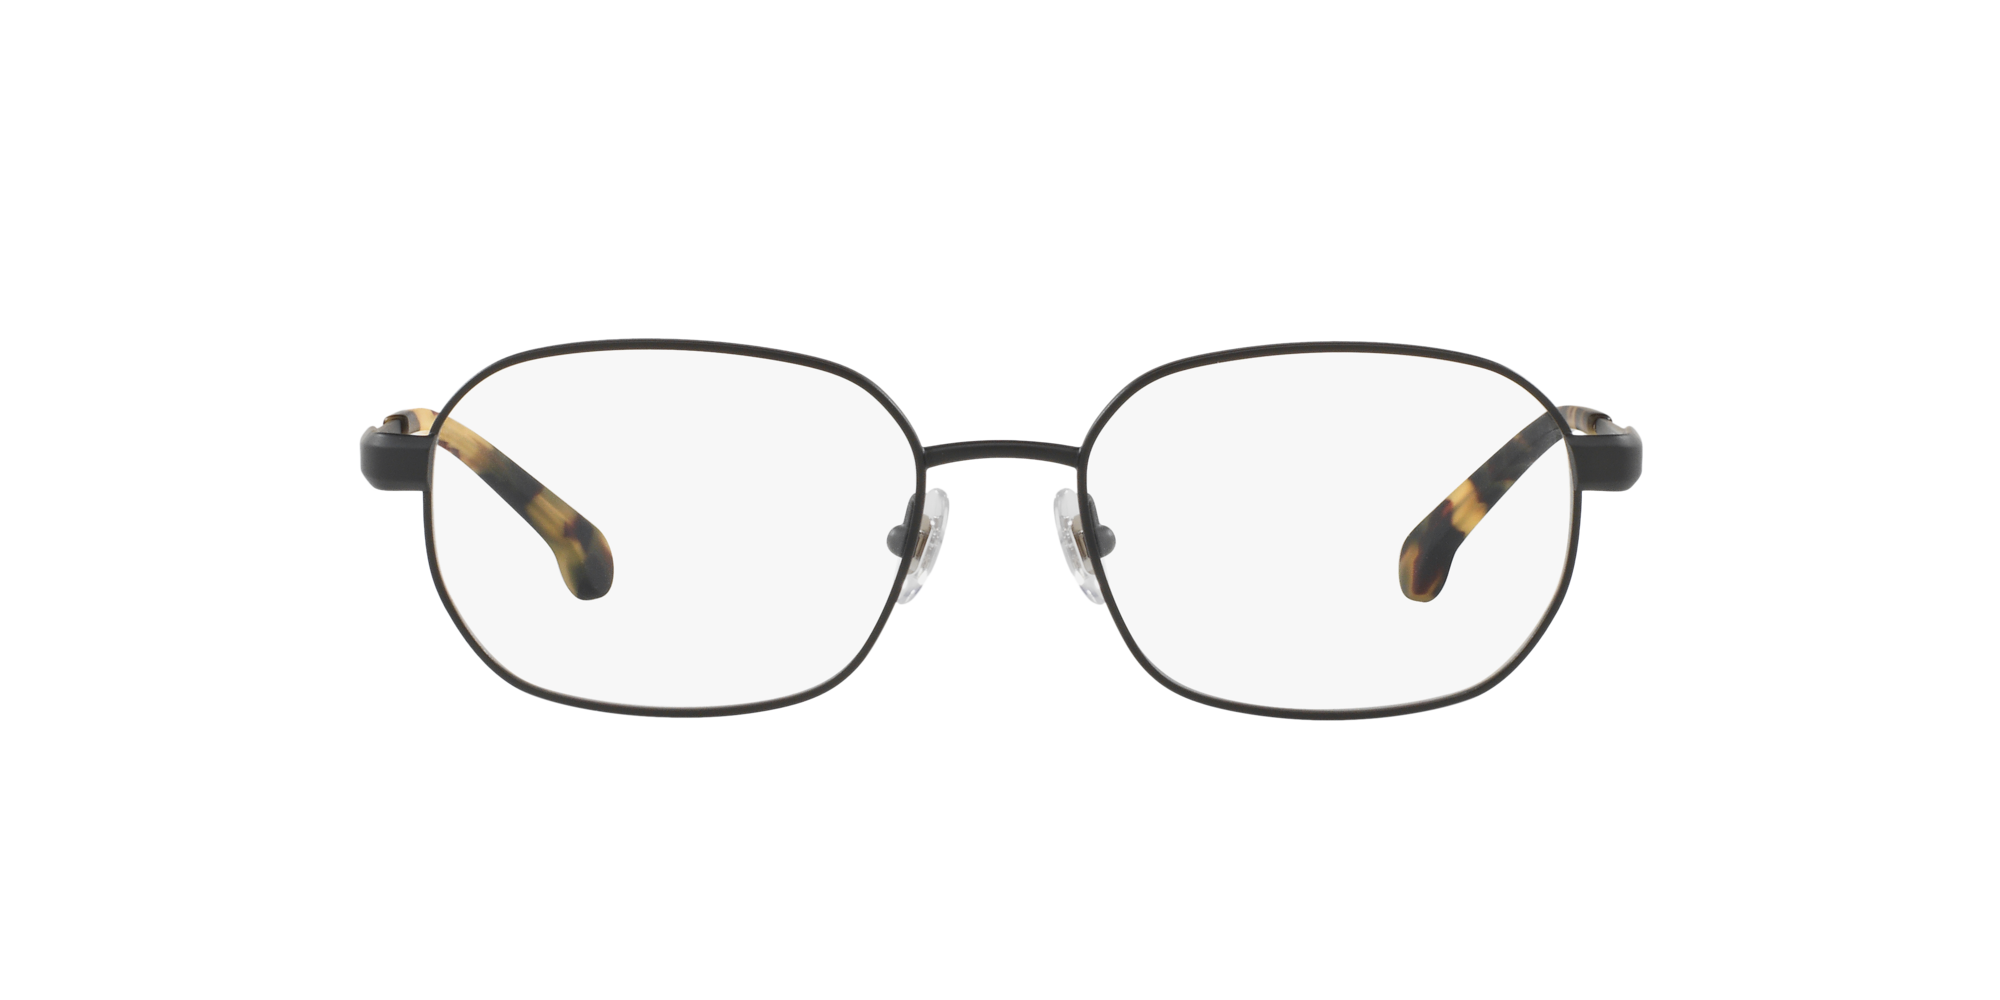 Imagen para BB1049 de LensCrafters |  Espejuelos, espejuelos graduados en línea, gafas